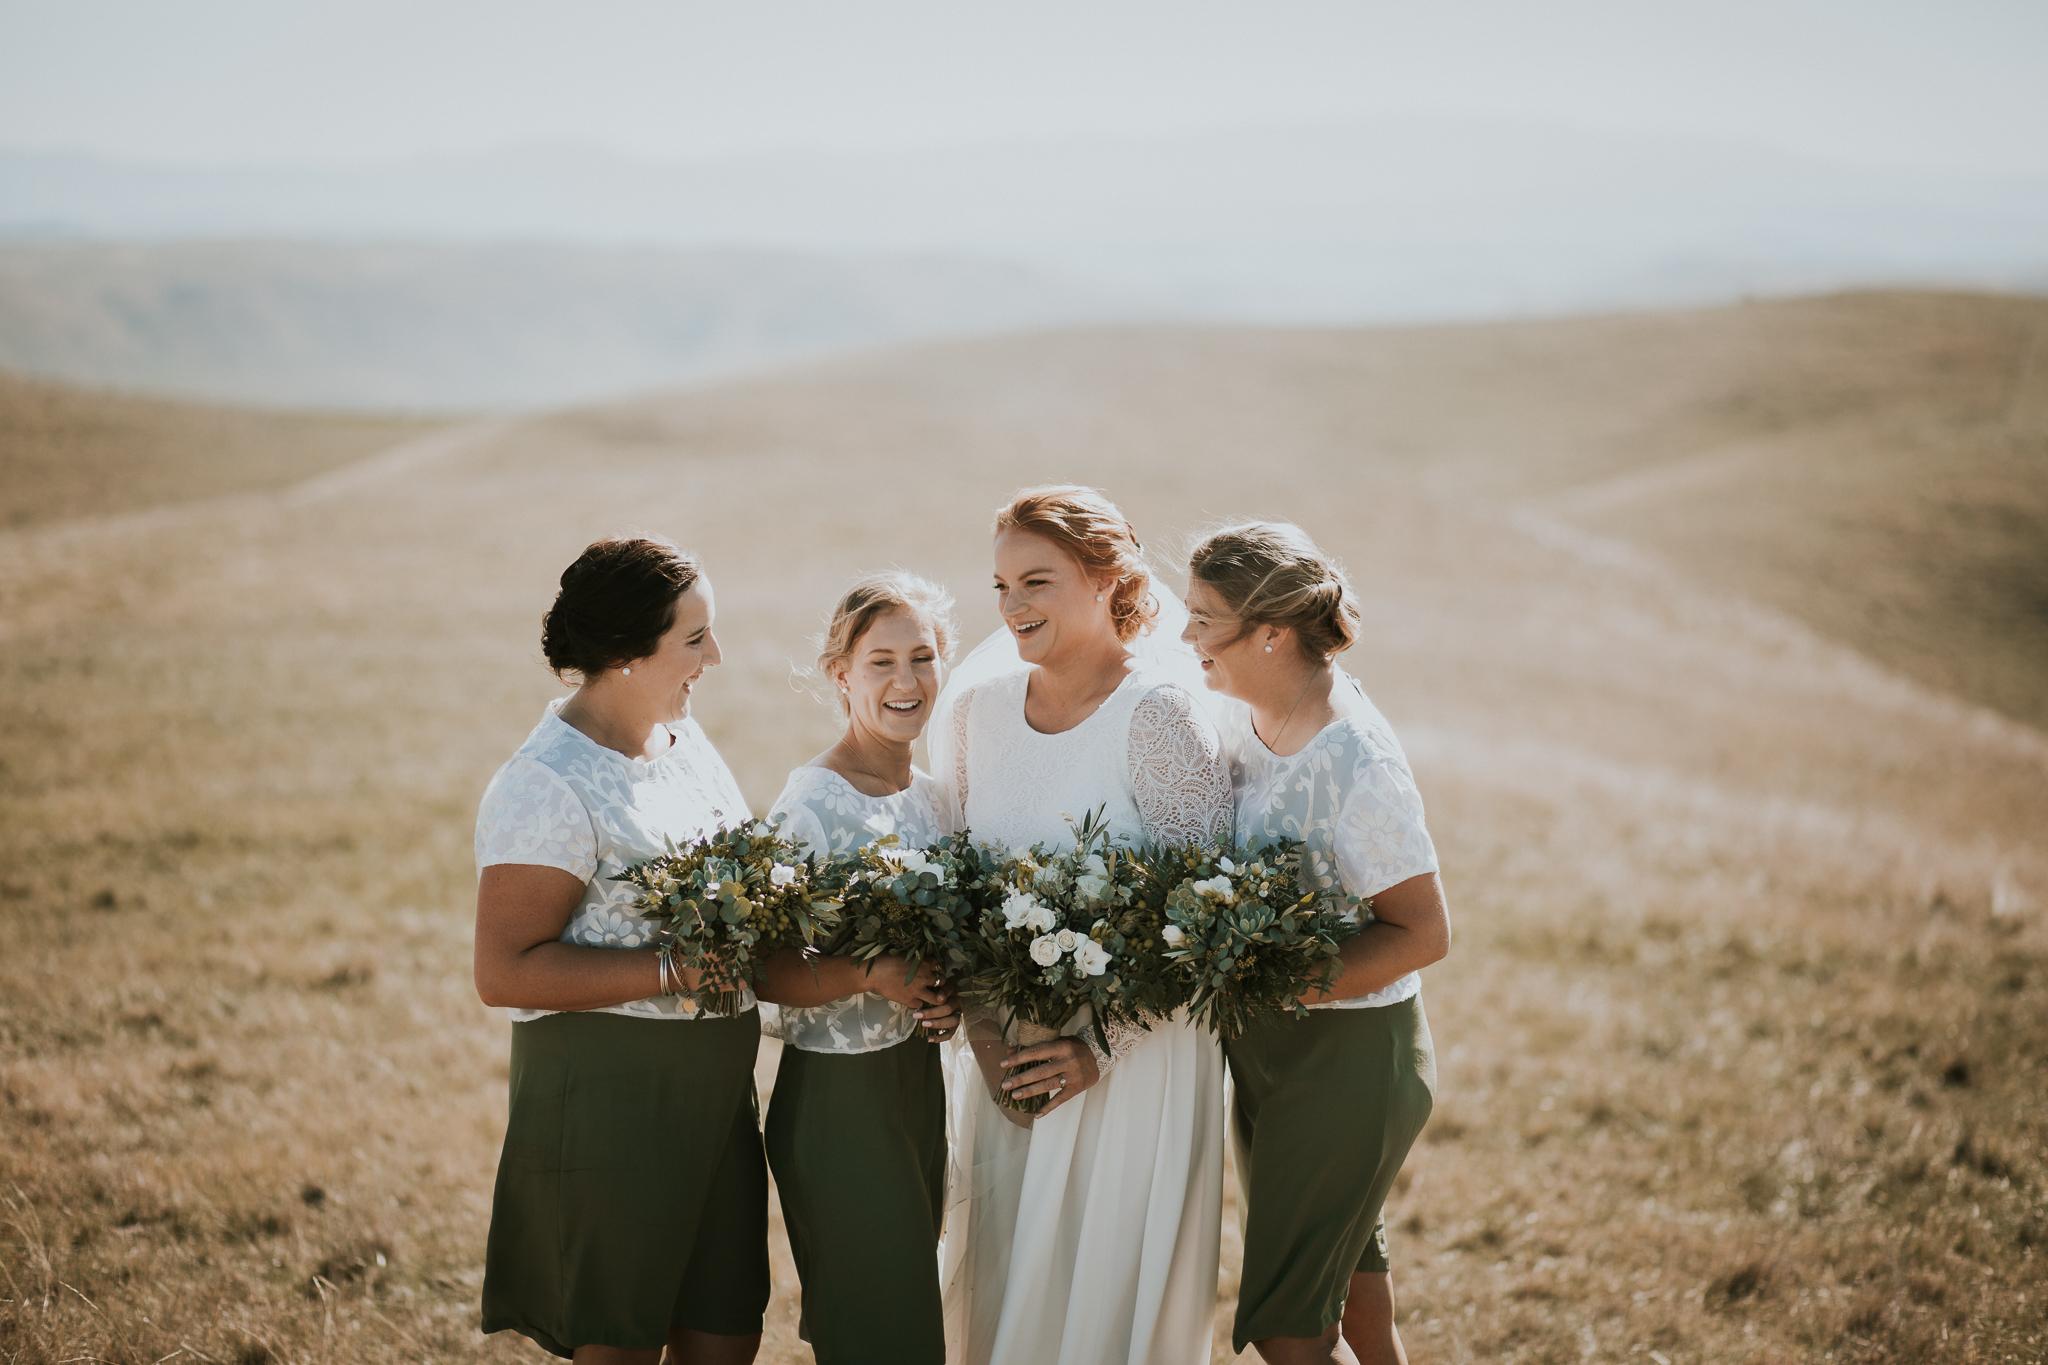 wedding photographer hawkes bay , Lisa Fisher Photography, Selini Winery Wedding -55.jpg